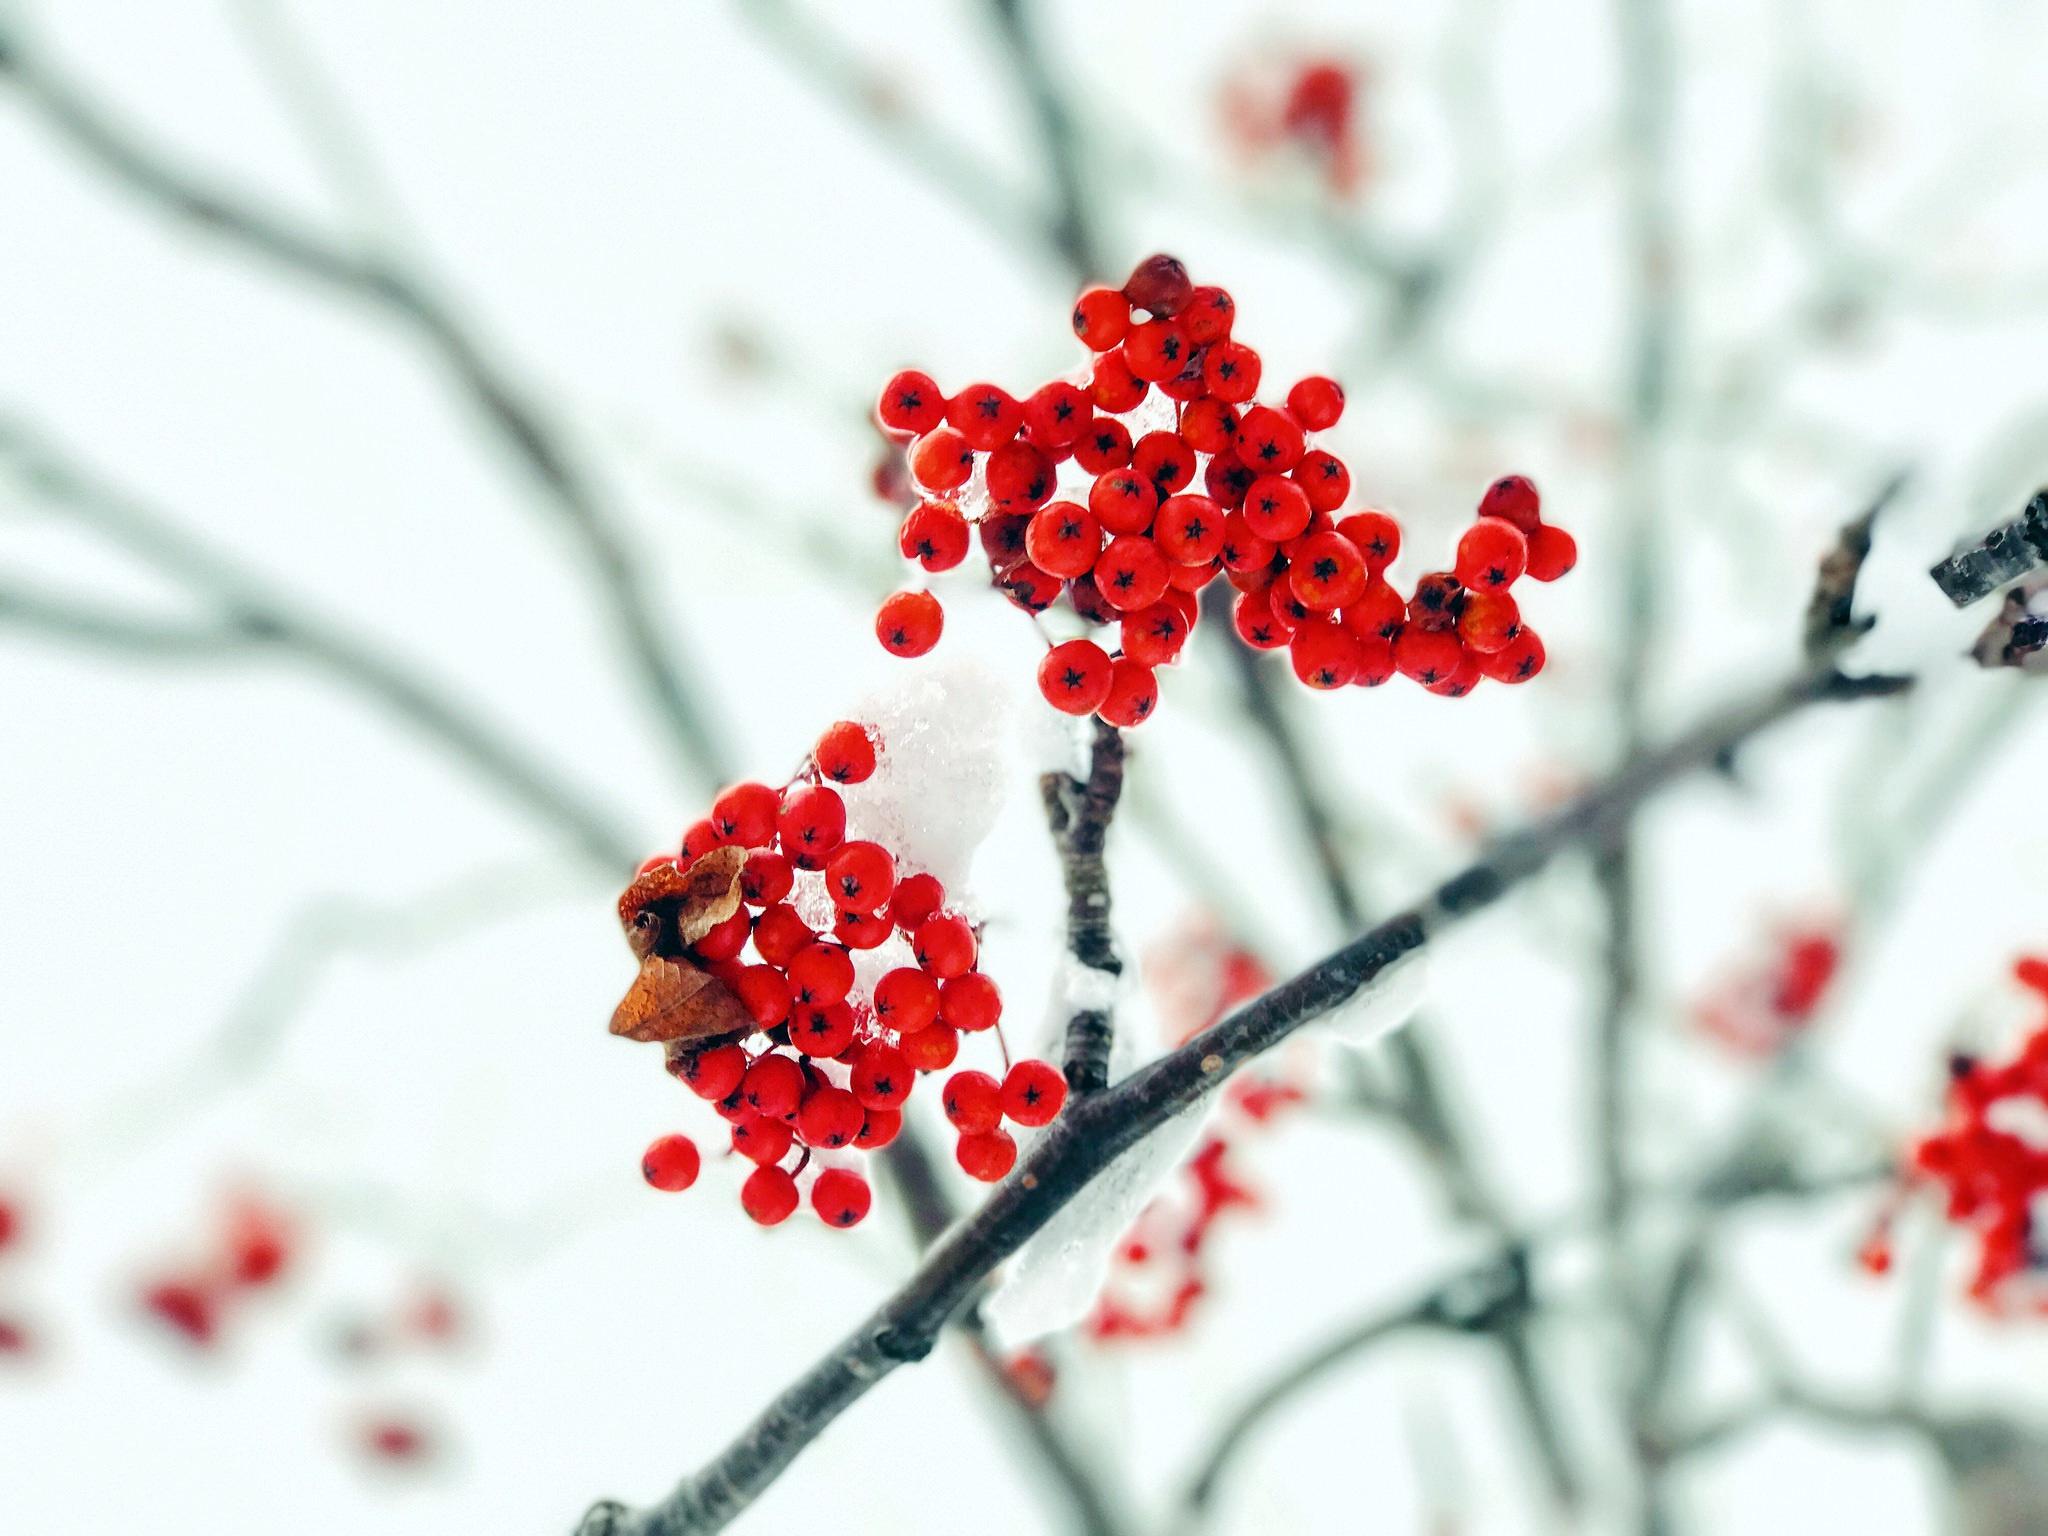 природа мороз рябина зима ветки еда ягоды  № 457076 бесплатно